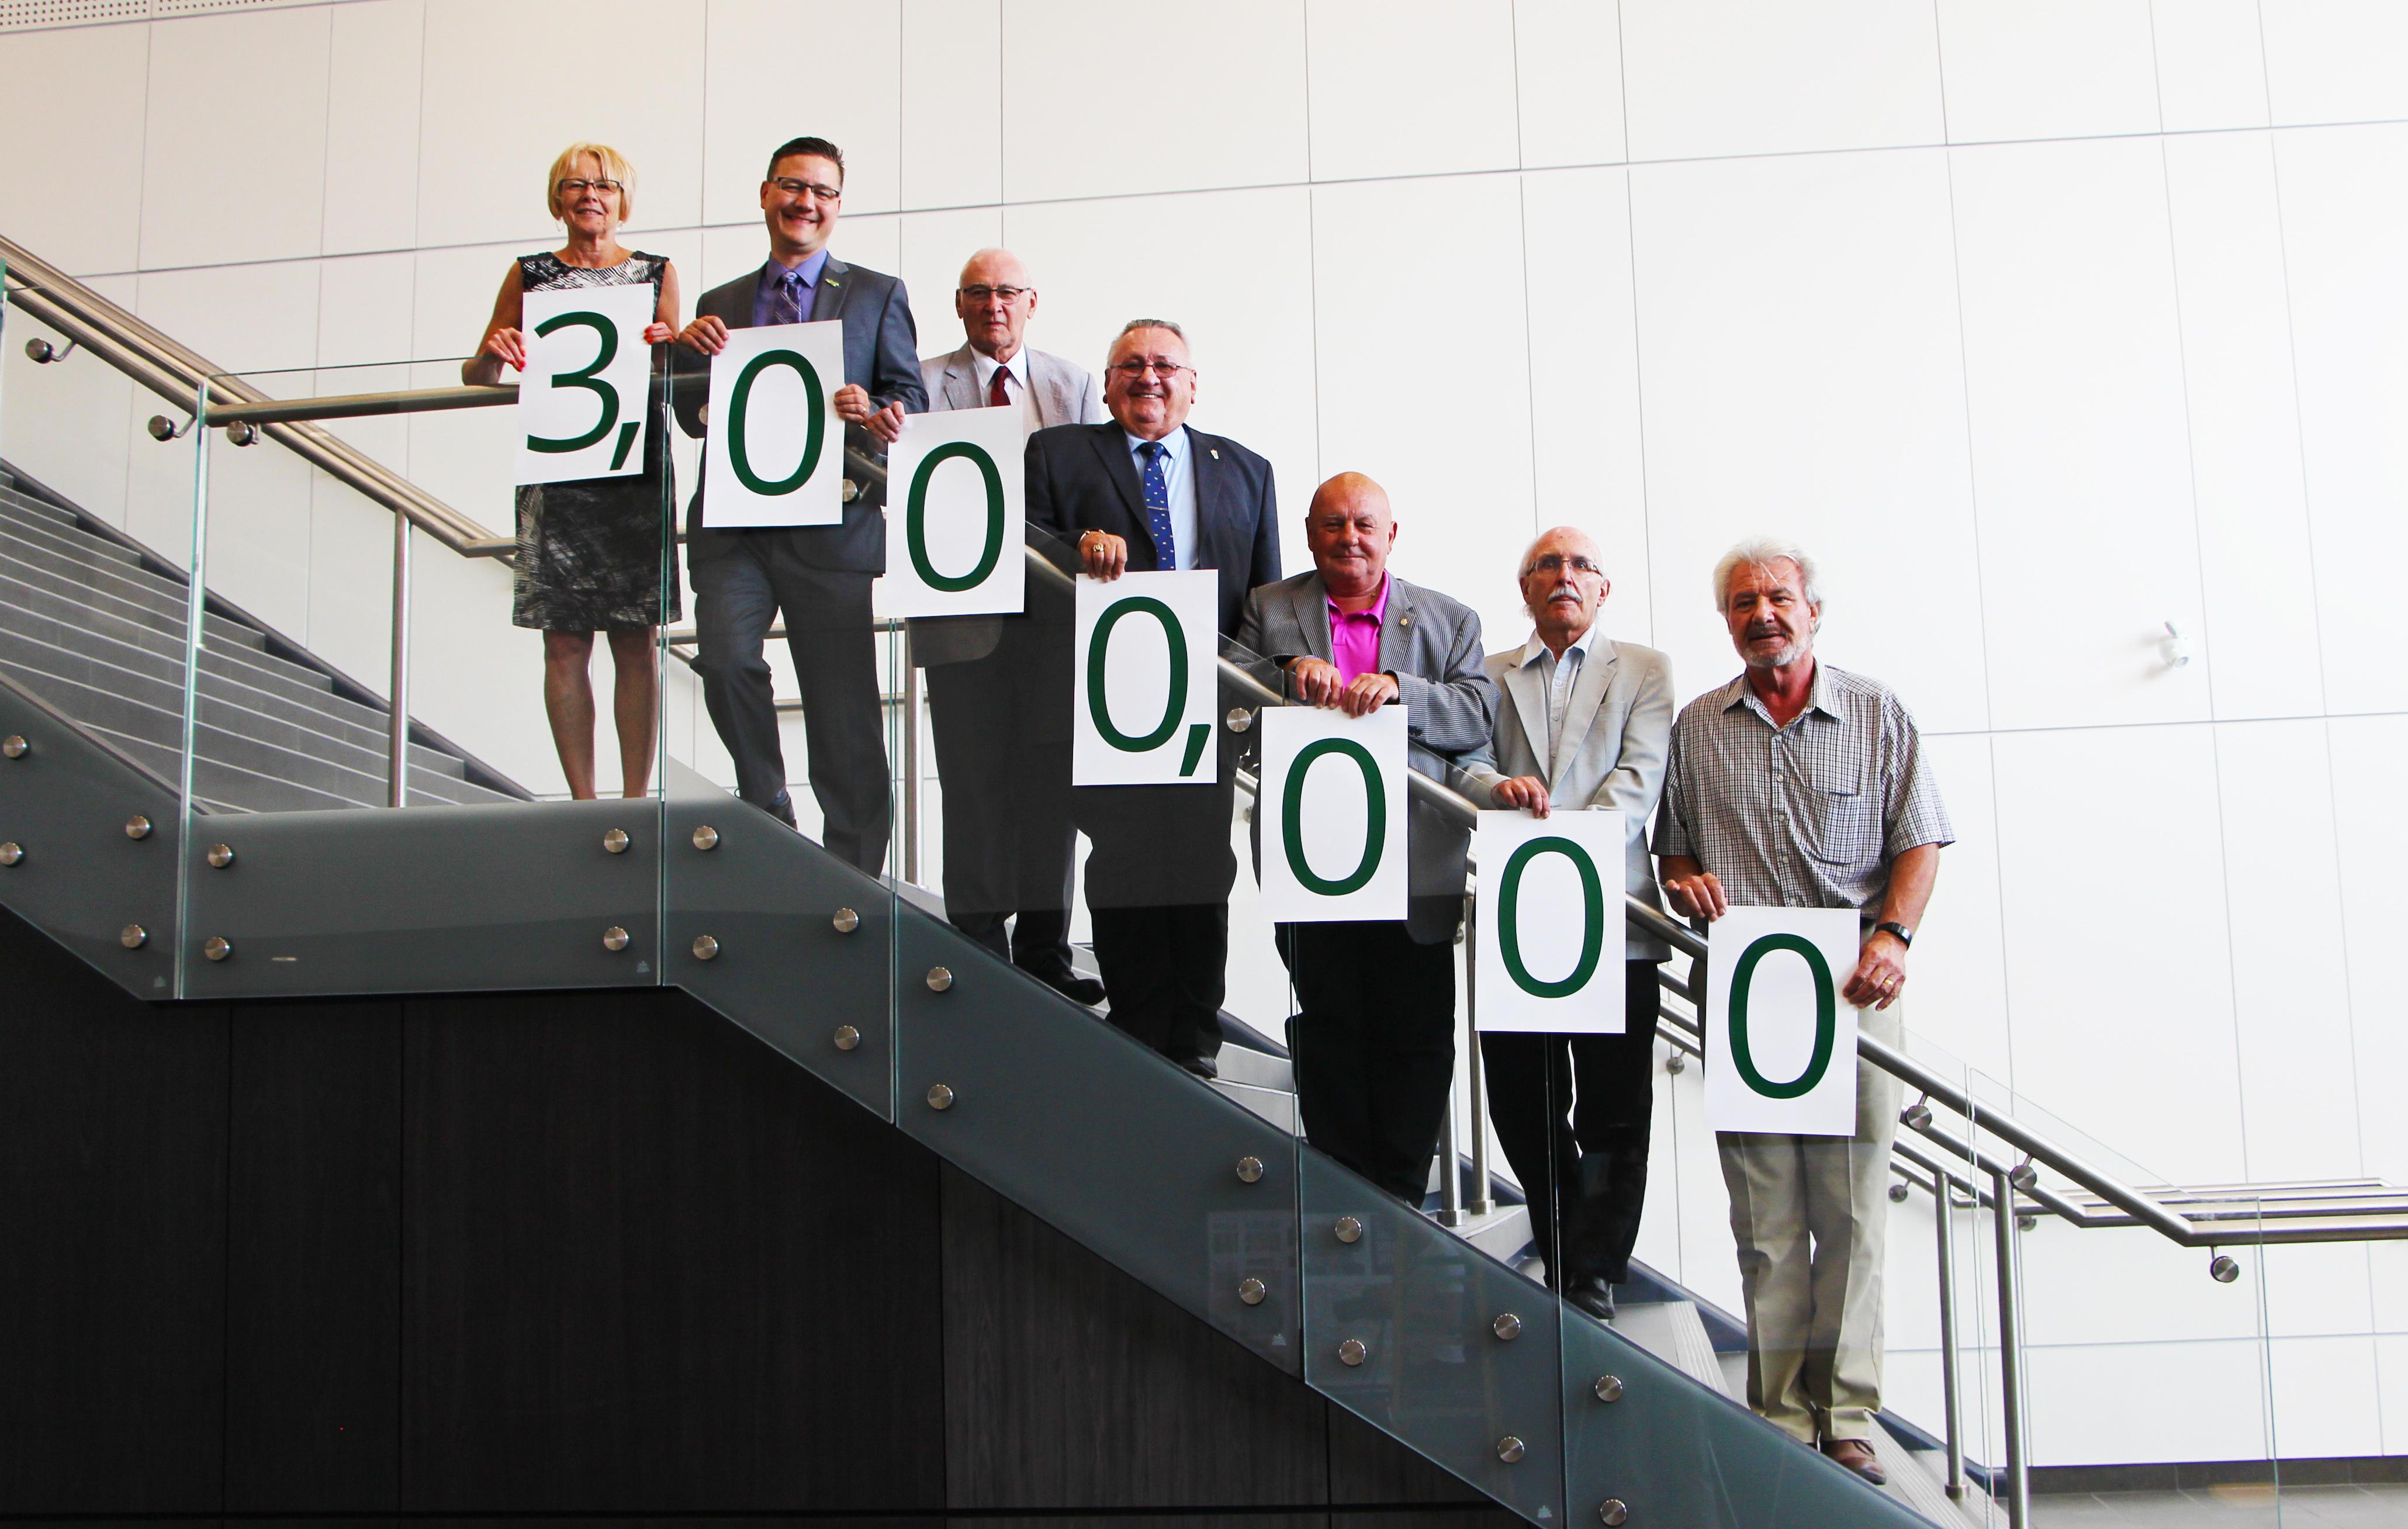 council 3 million